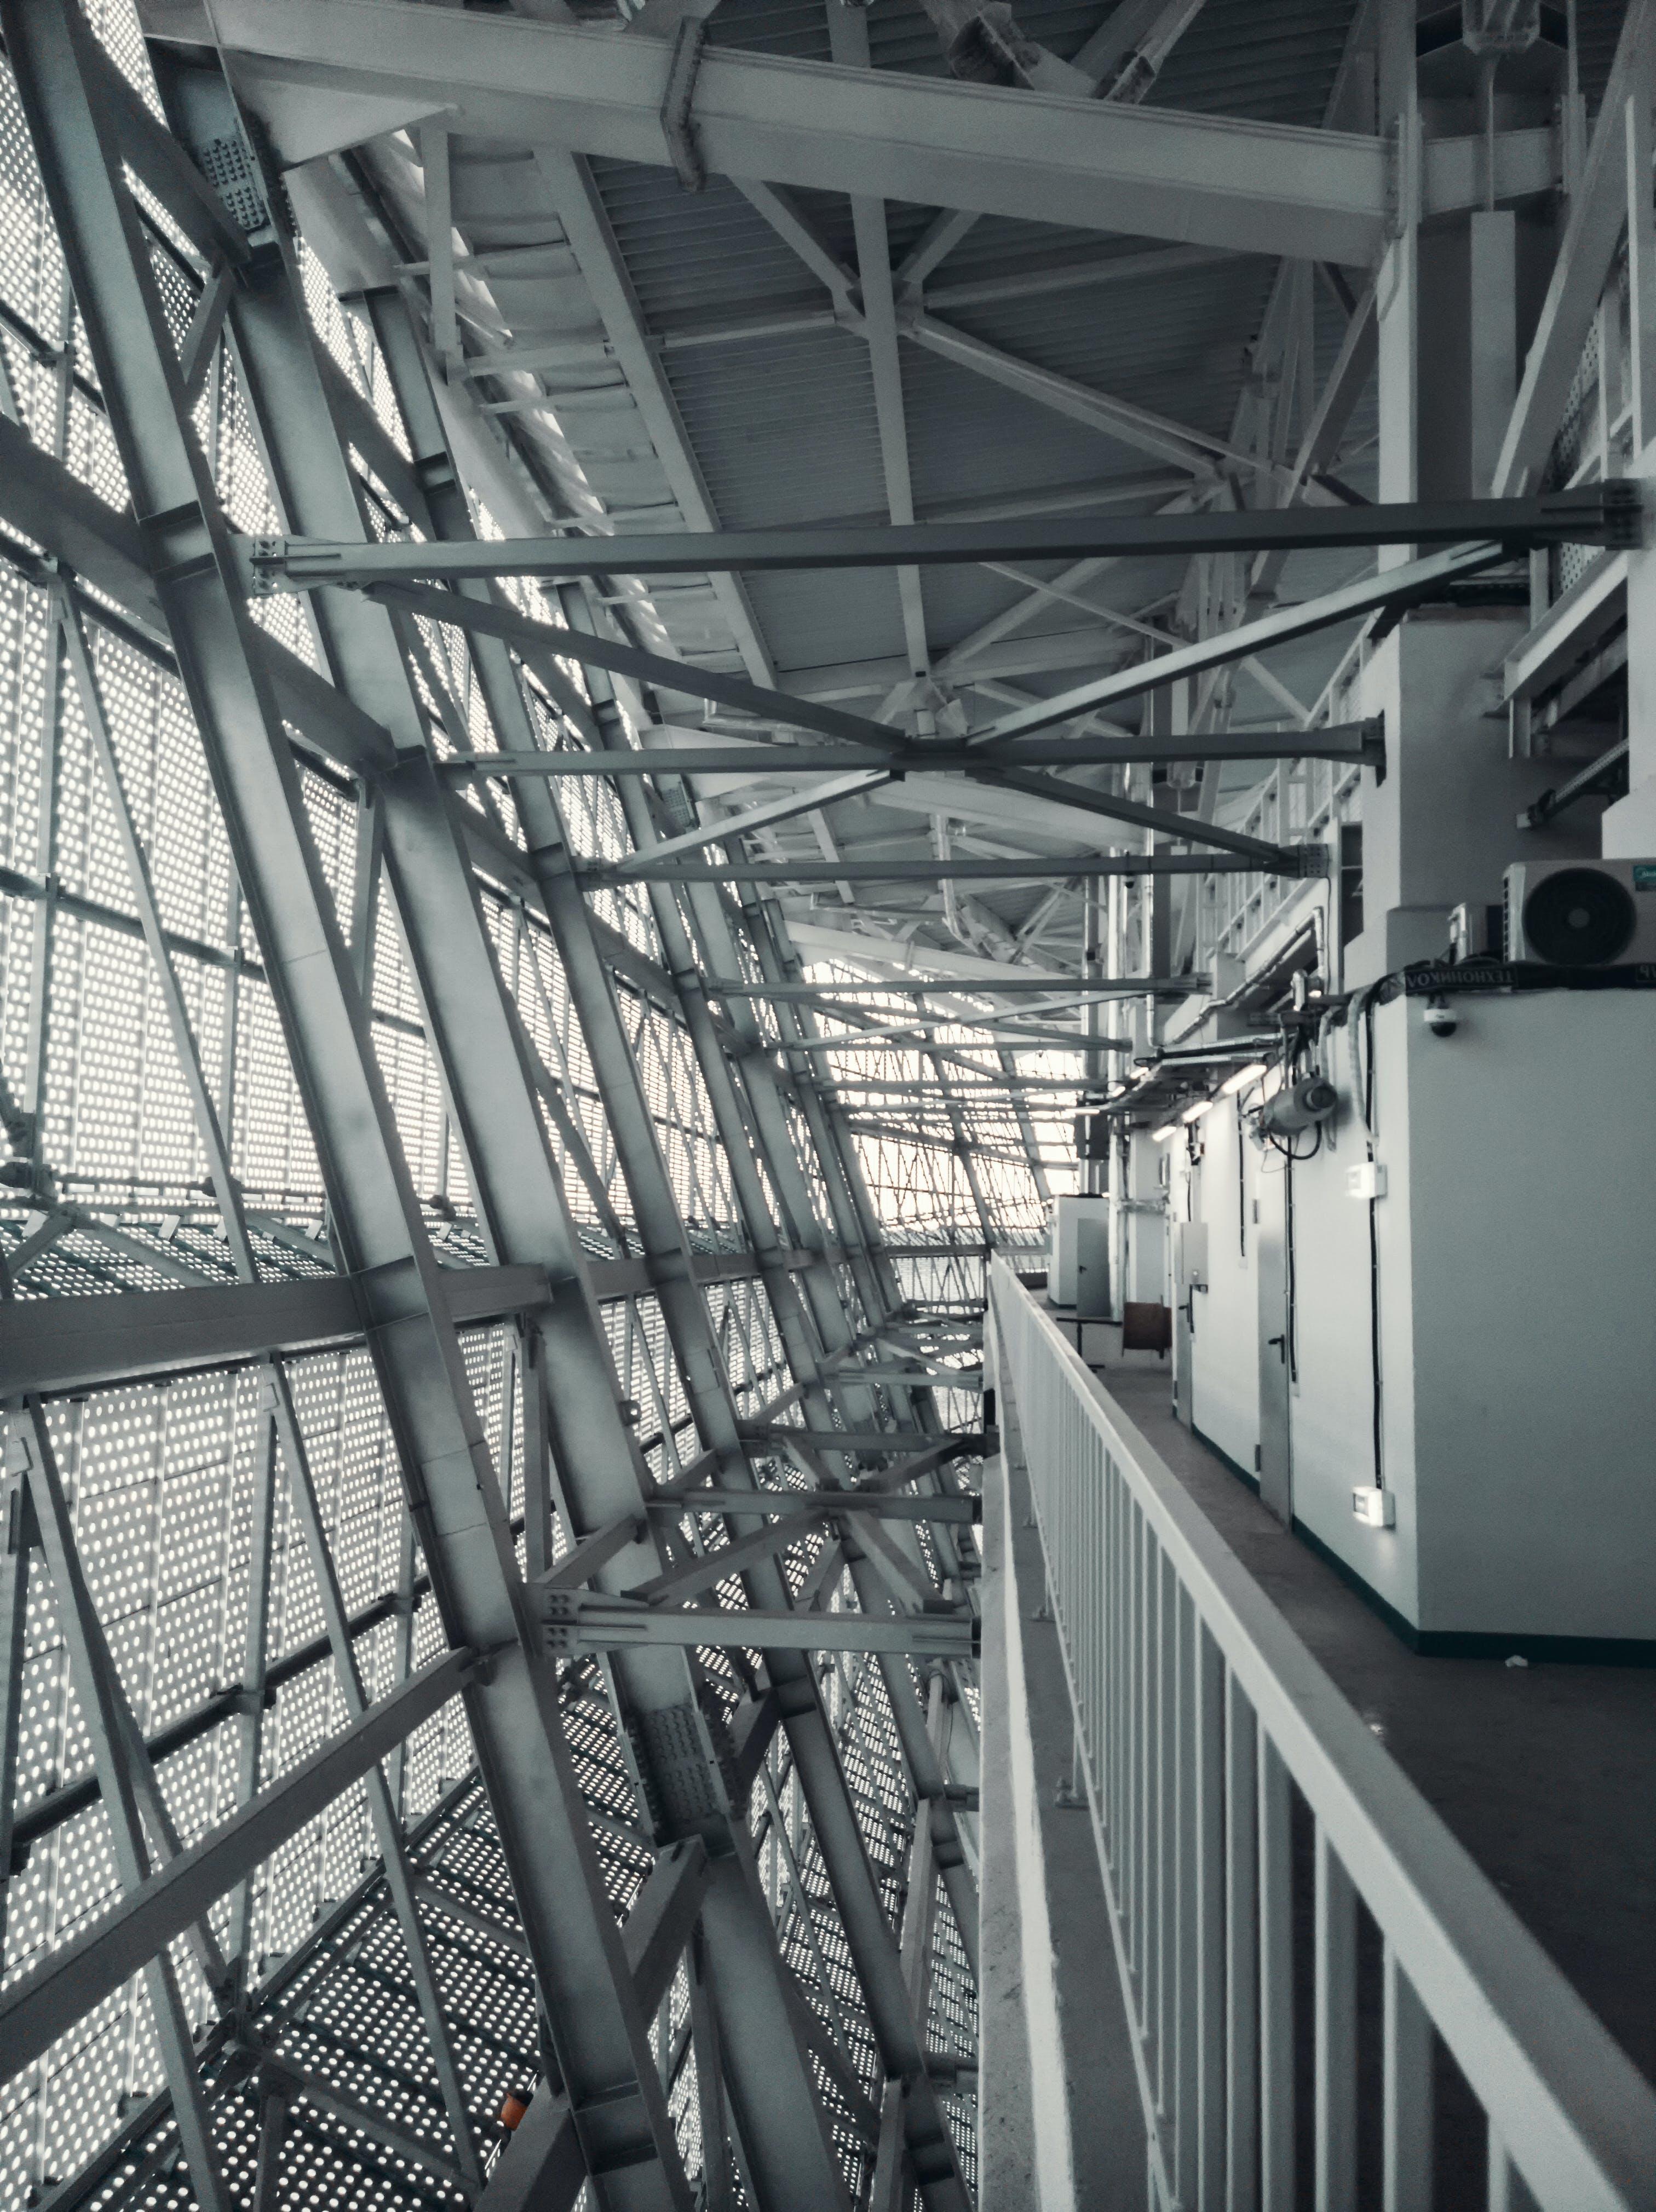 Kostenloses Stock Foto zu architekturdesign, decke, design, drinnen